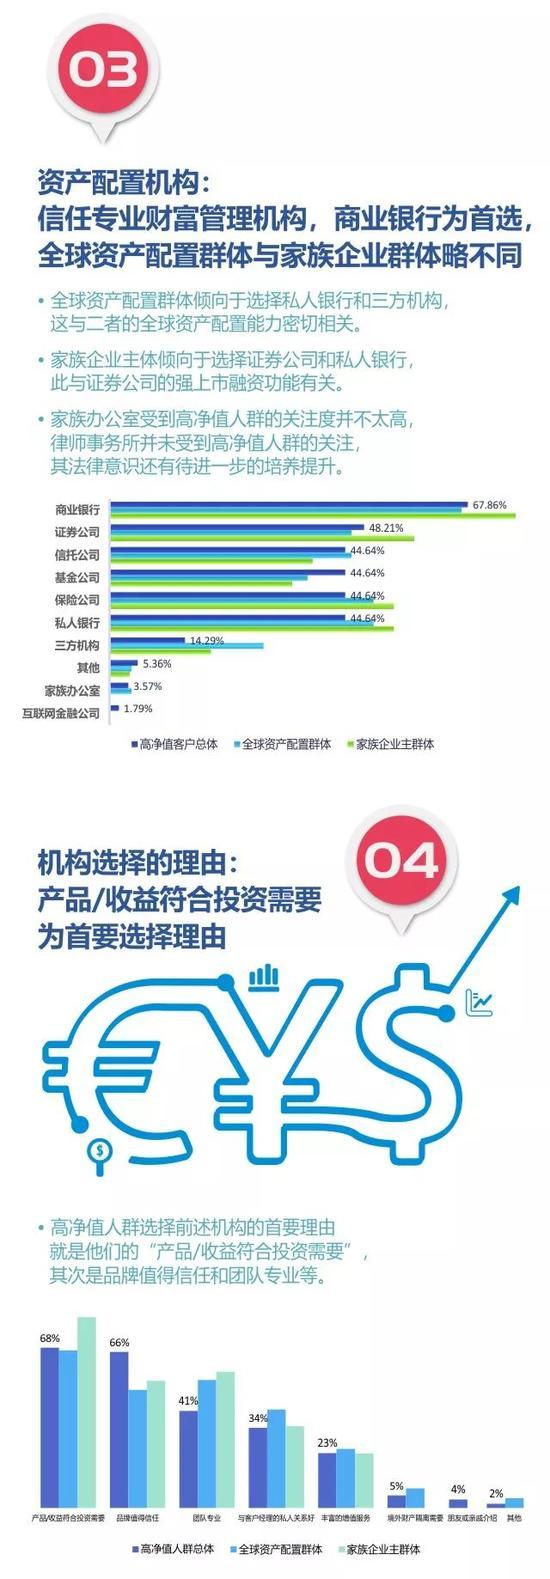 2017中國高凈值人群分析報告:新浪財經進常用APP前三_新浪財經_新浪網